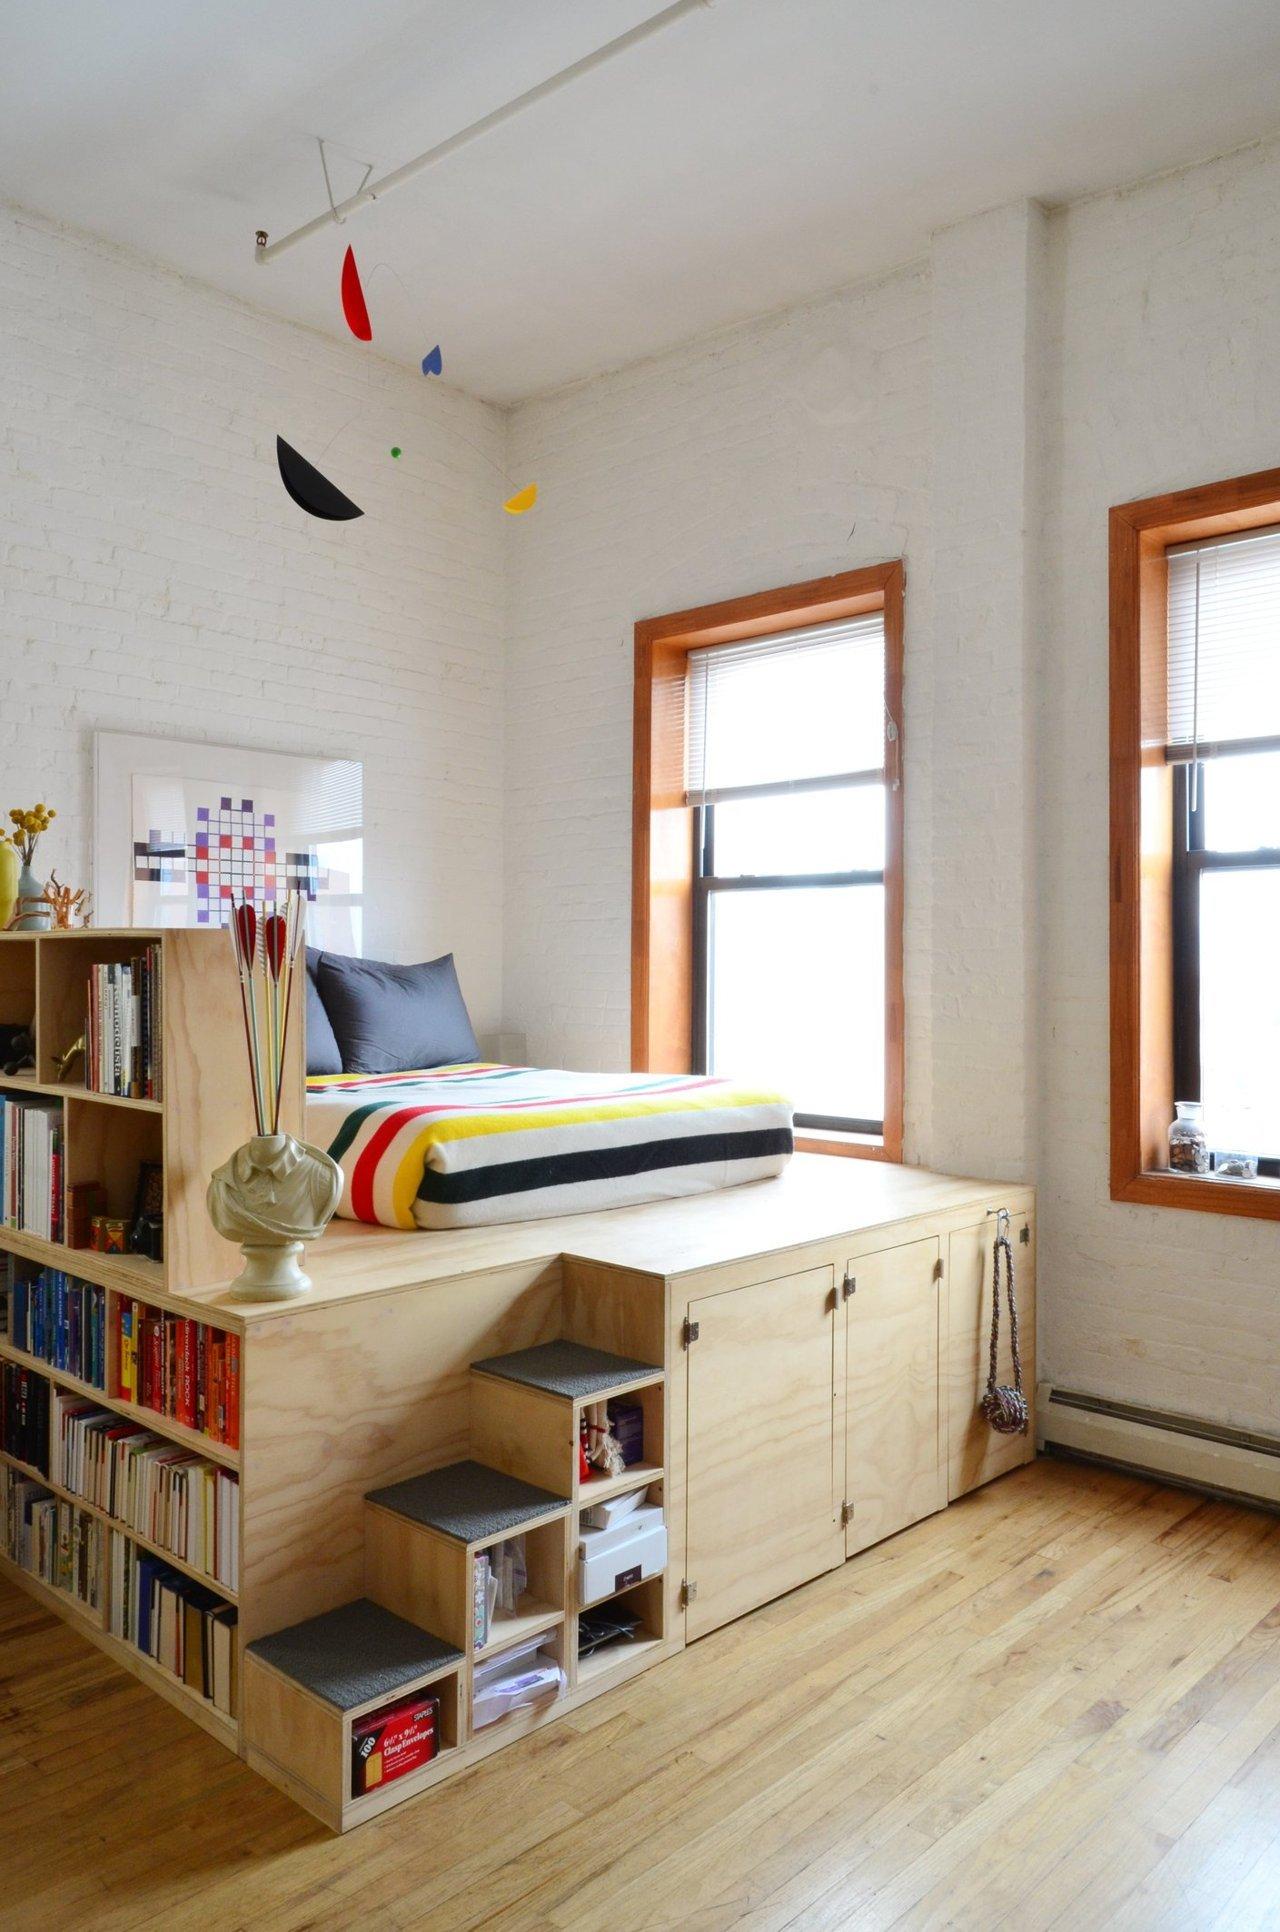 Кровать из фанеры в стиле лофт